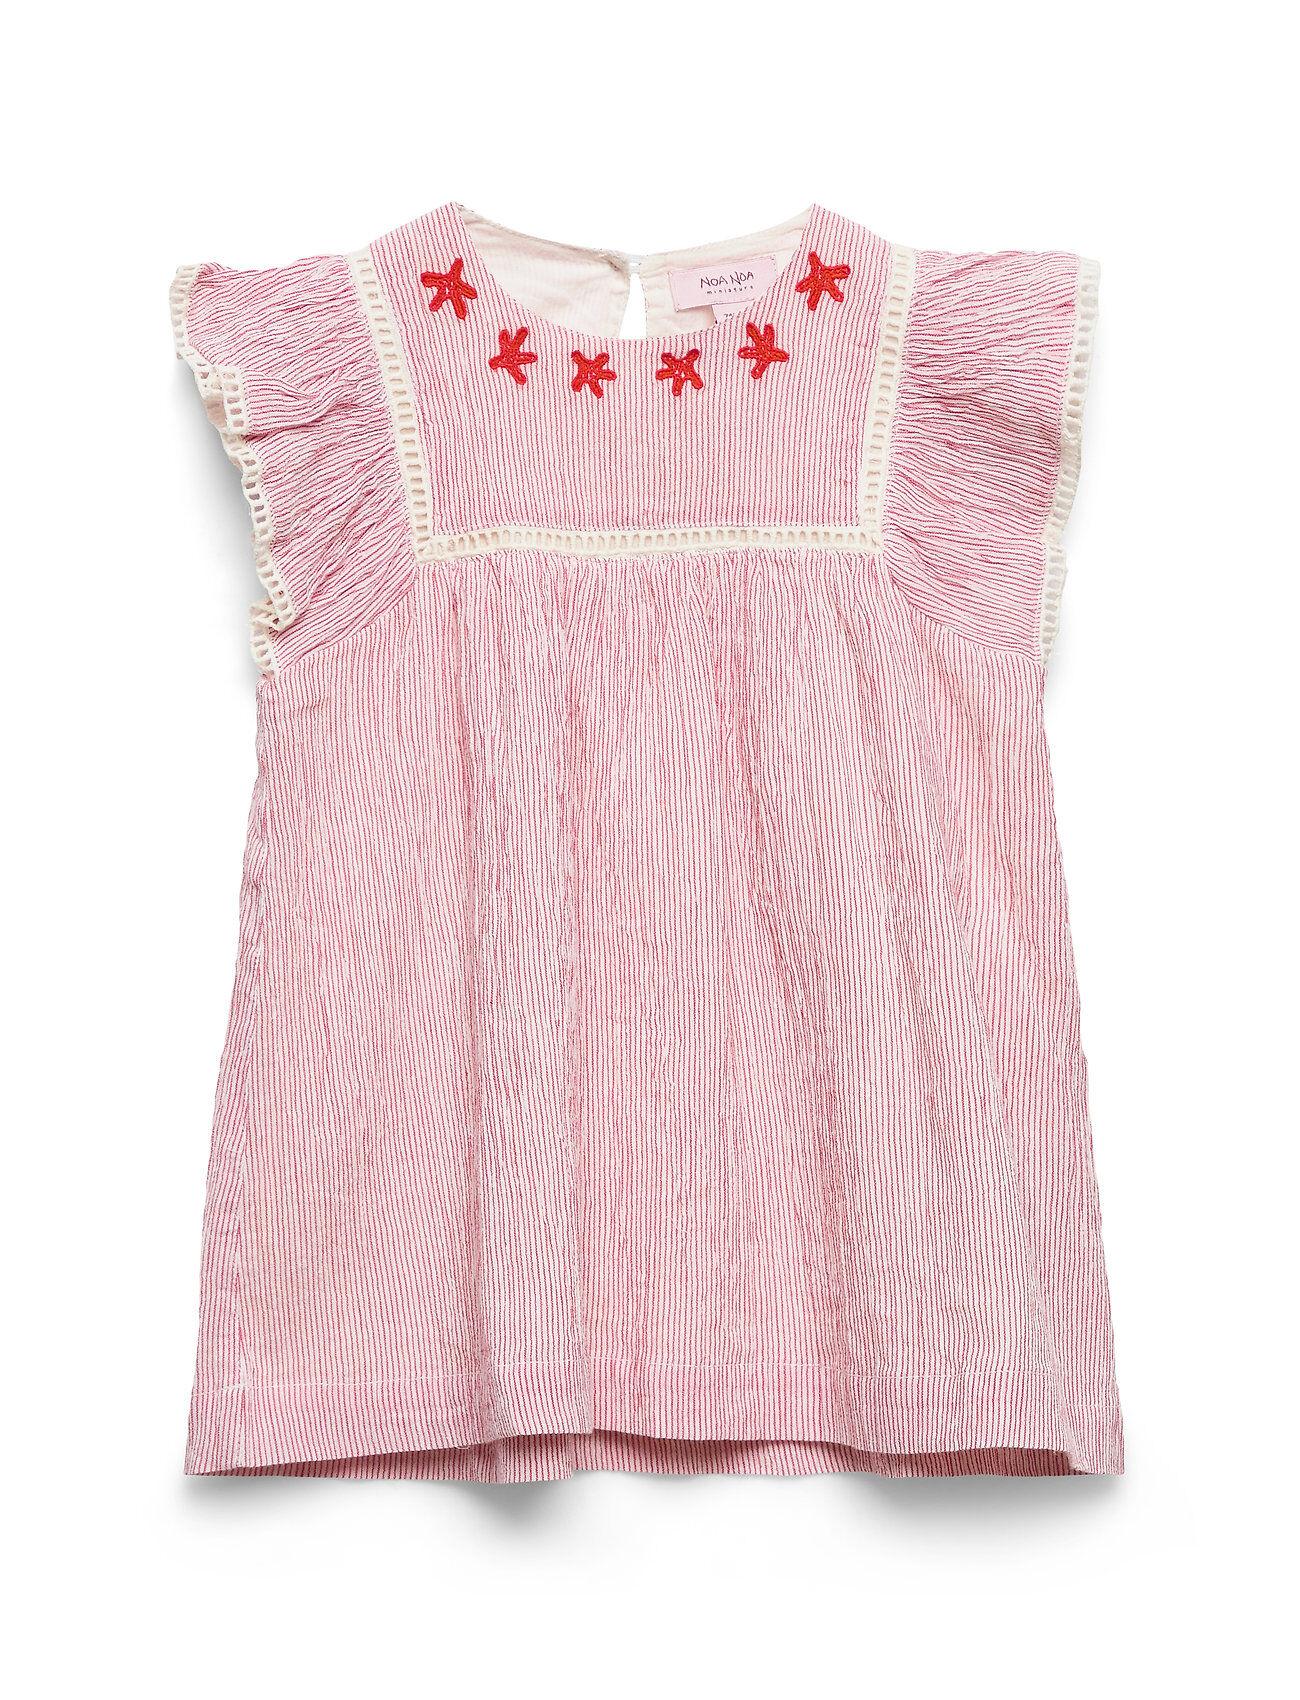 Noa Noa Miniature Dress Sleeveless Mekko Vaaleanpunainen Noa Noa Miniature